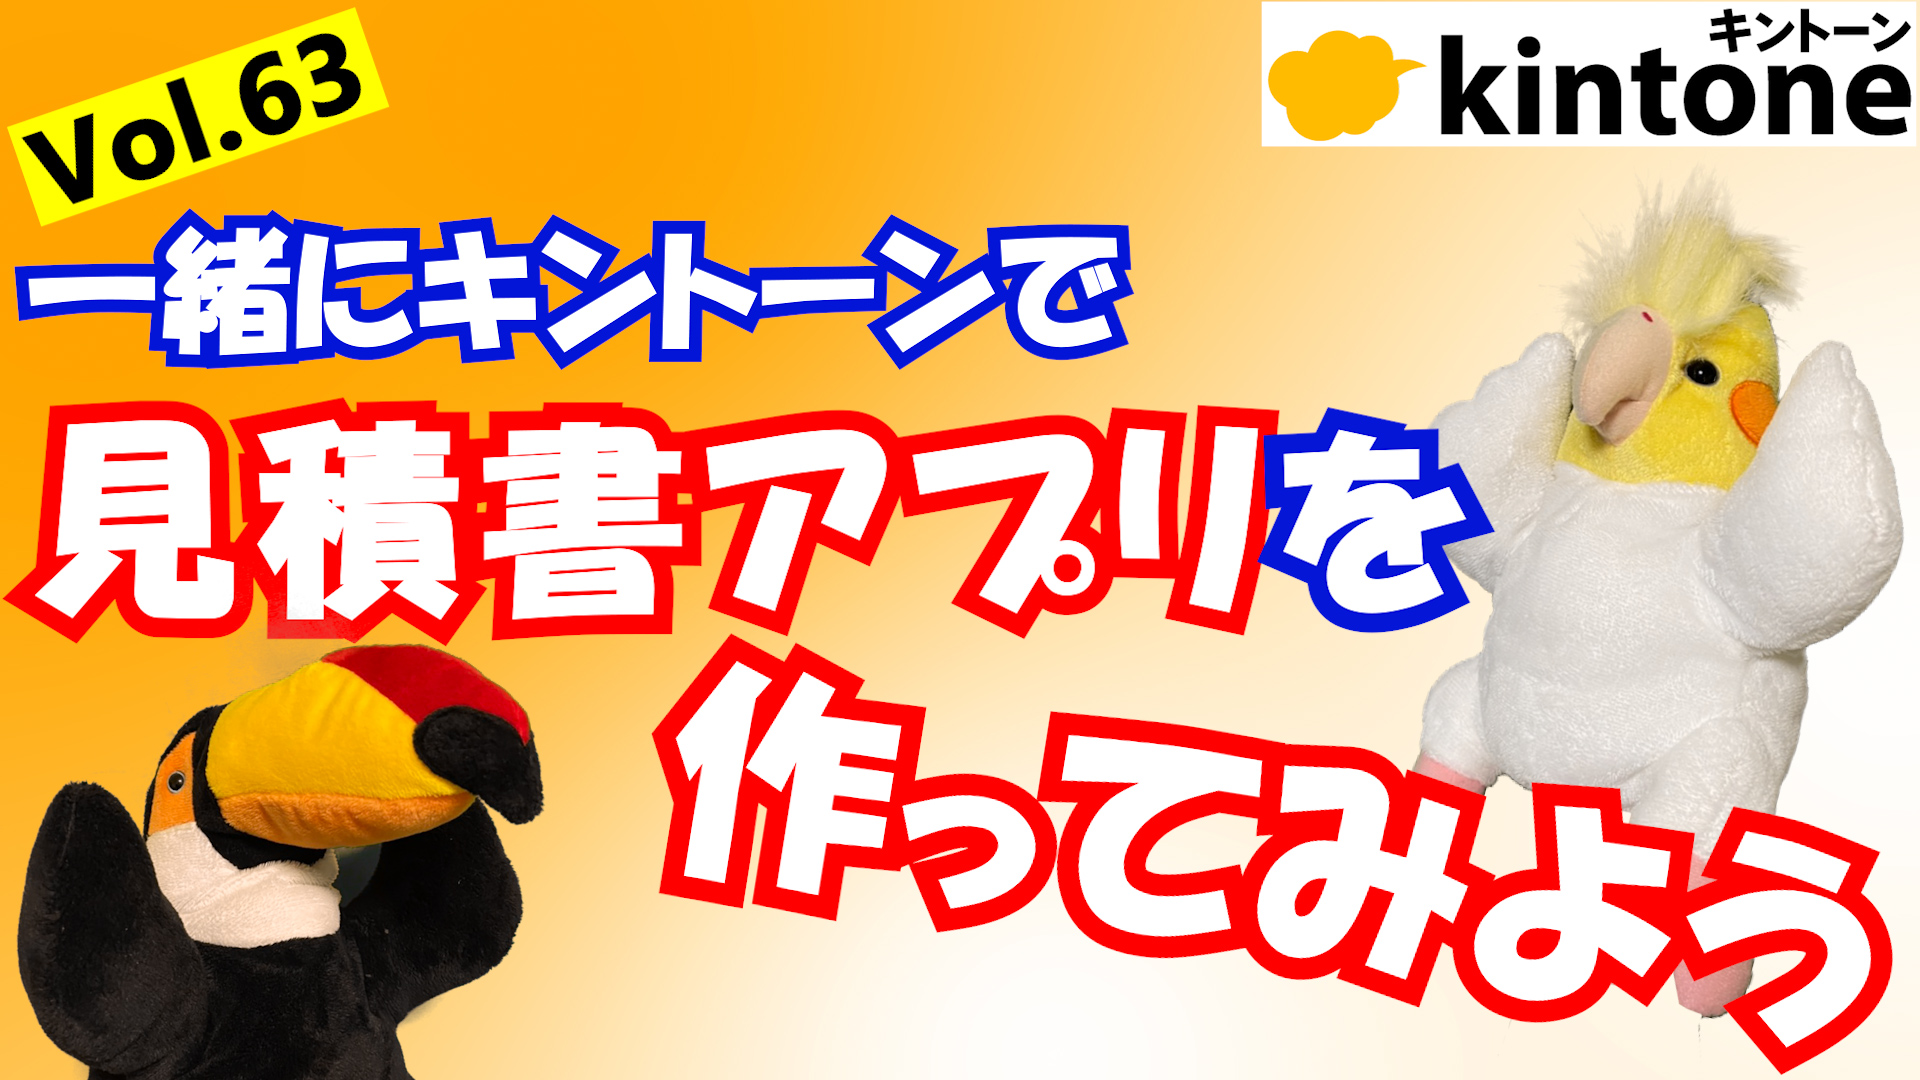 【後編】kintoneで見積書アプリを一緒に作ってみよう【動画】